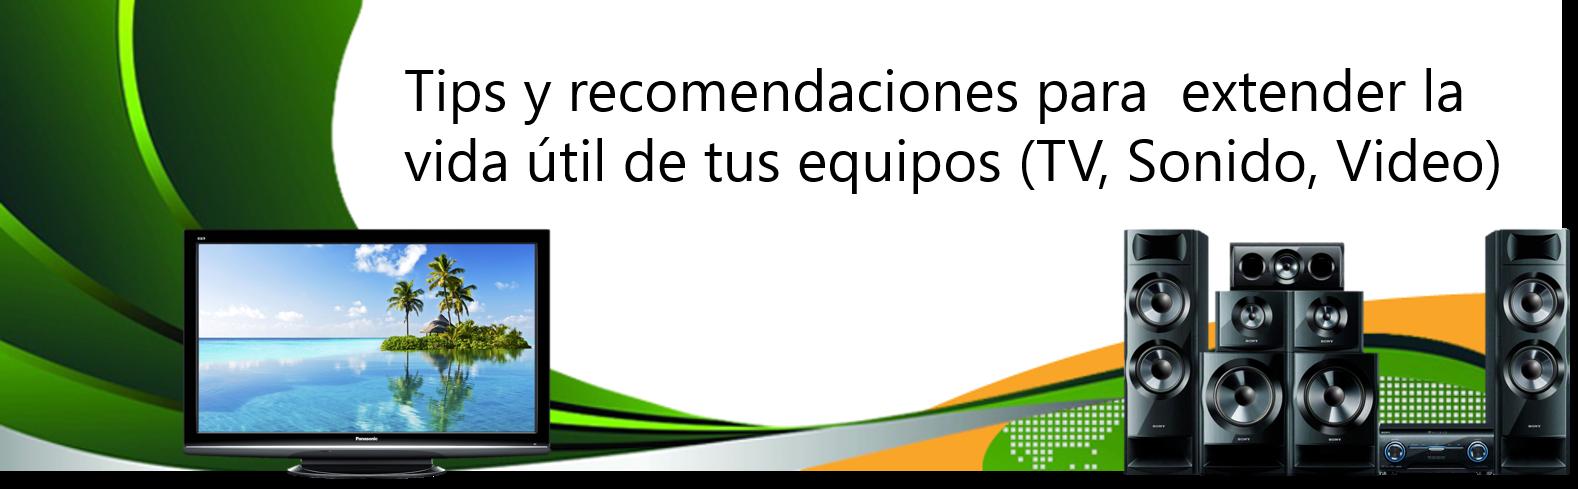 banner recomendaciones